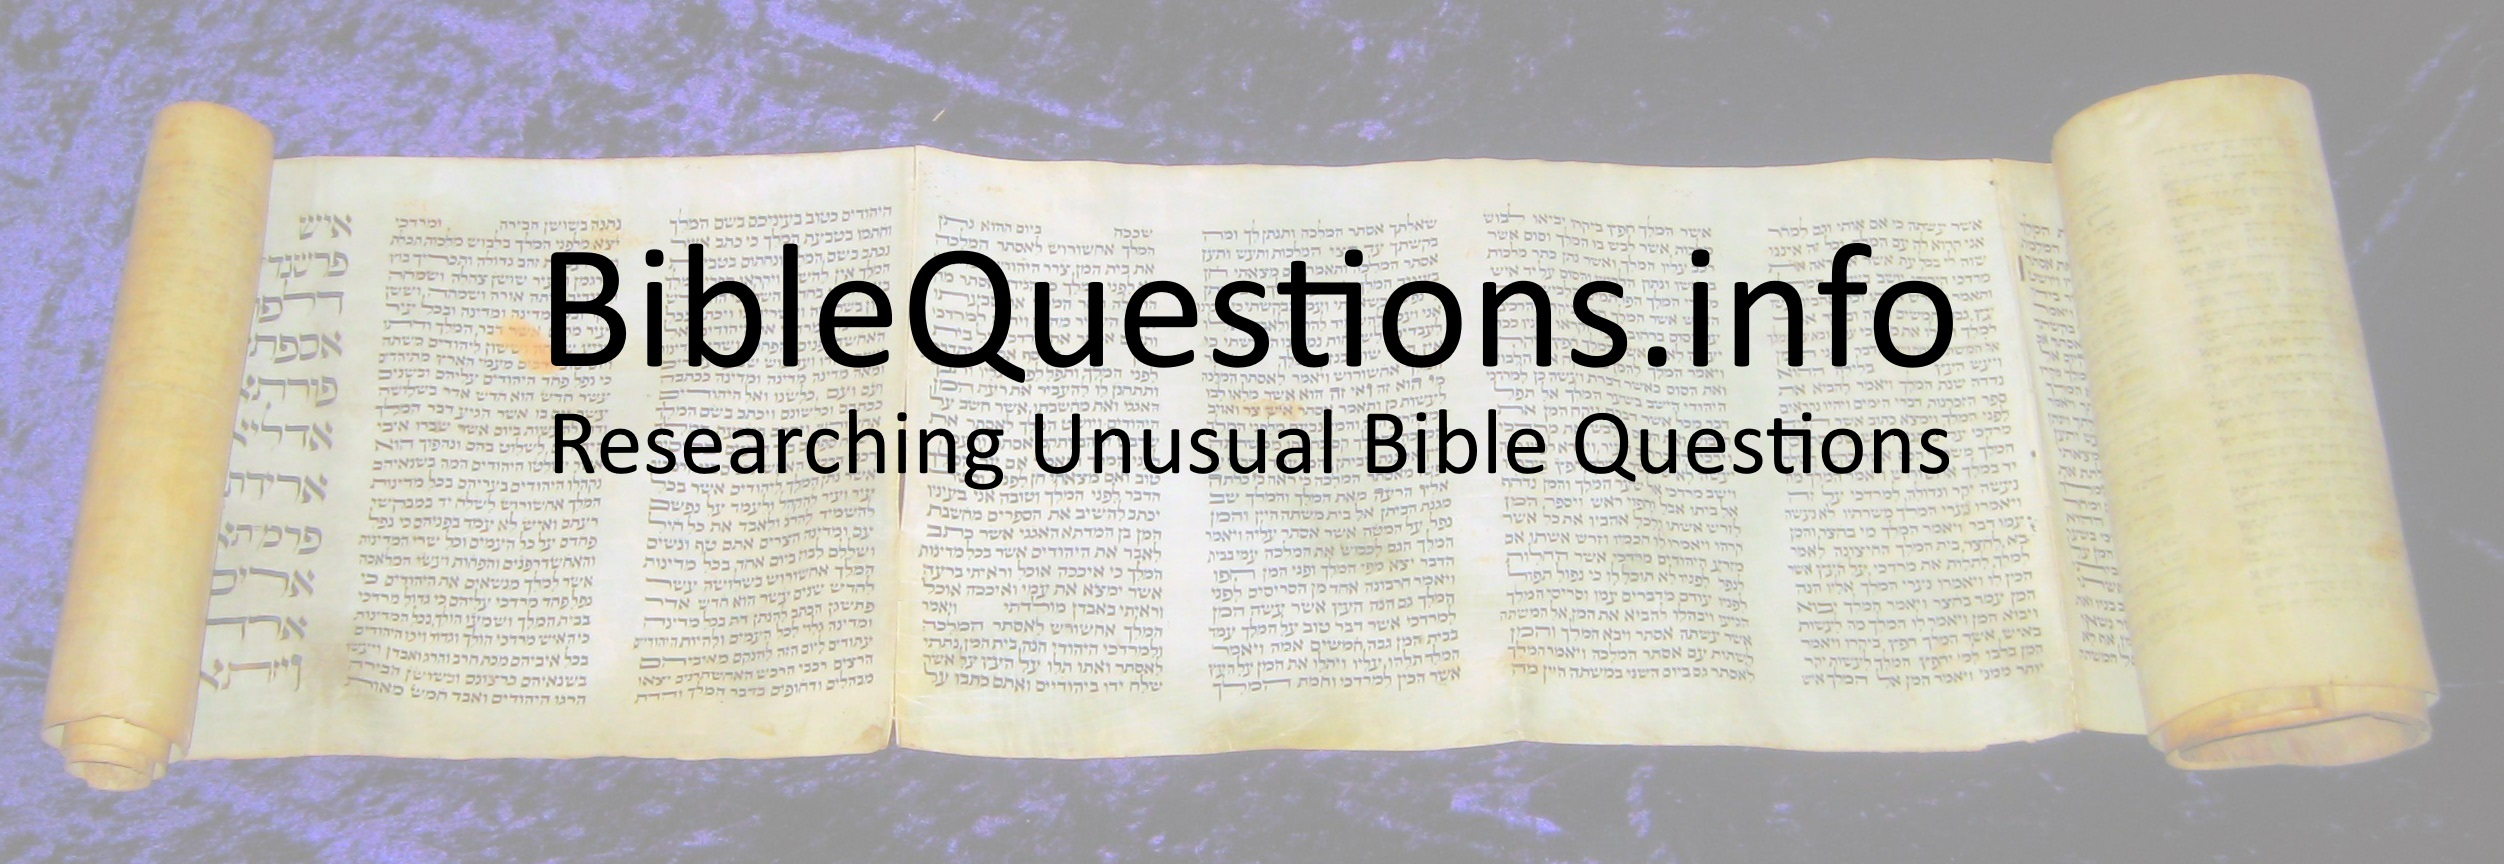 BibleQuestions.info